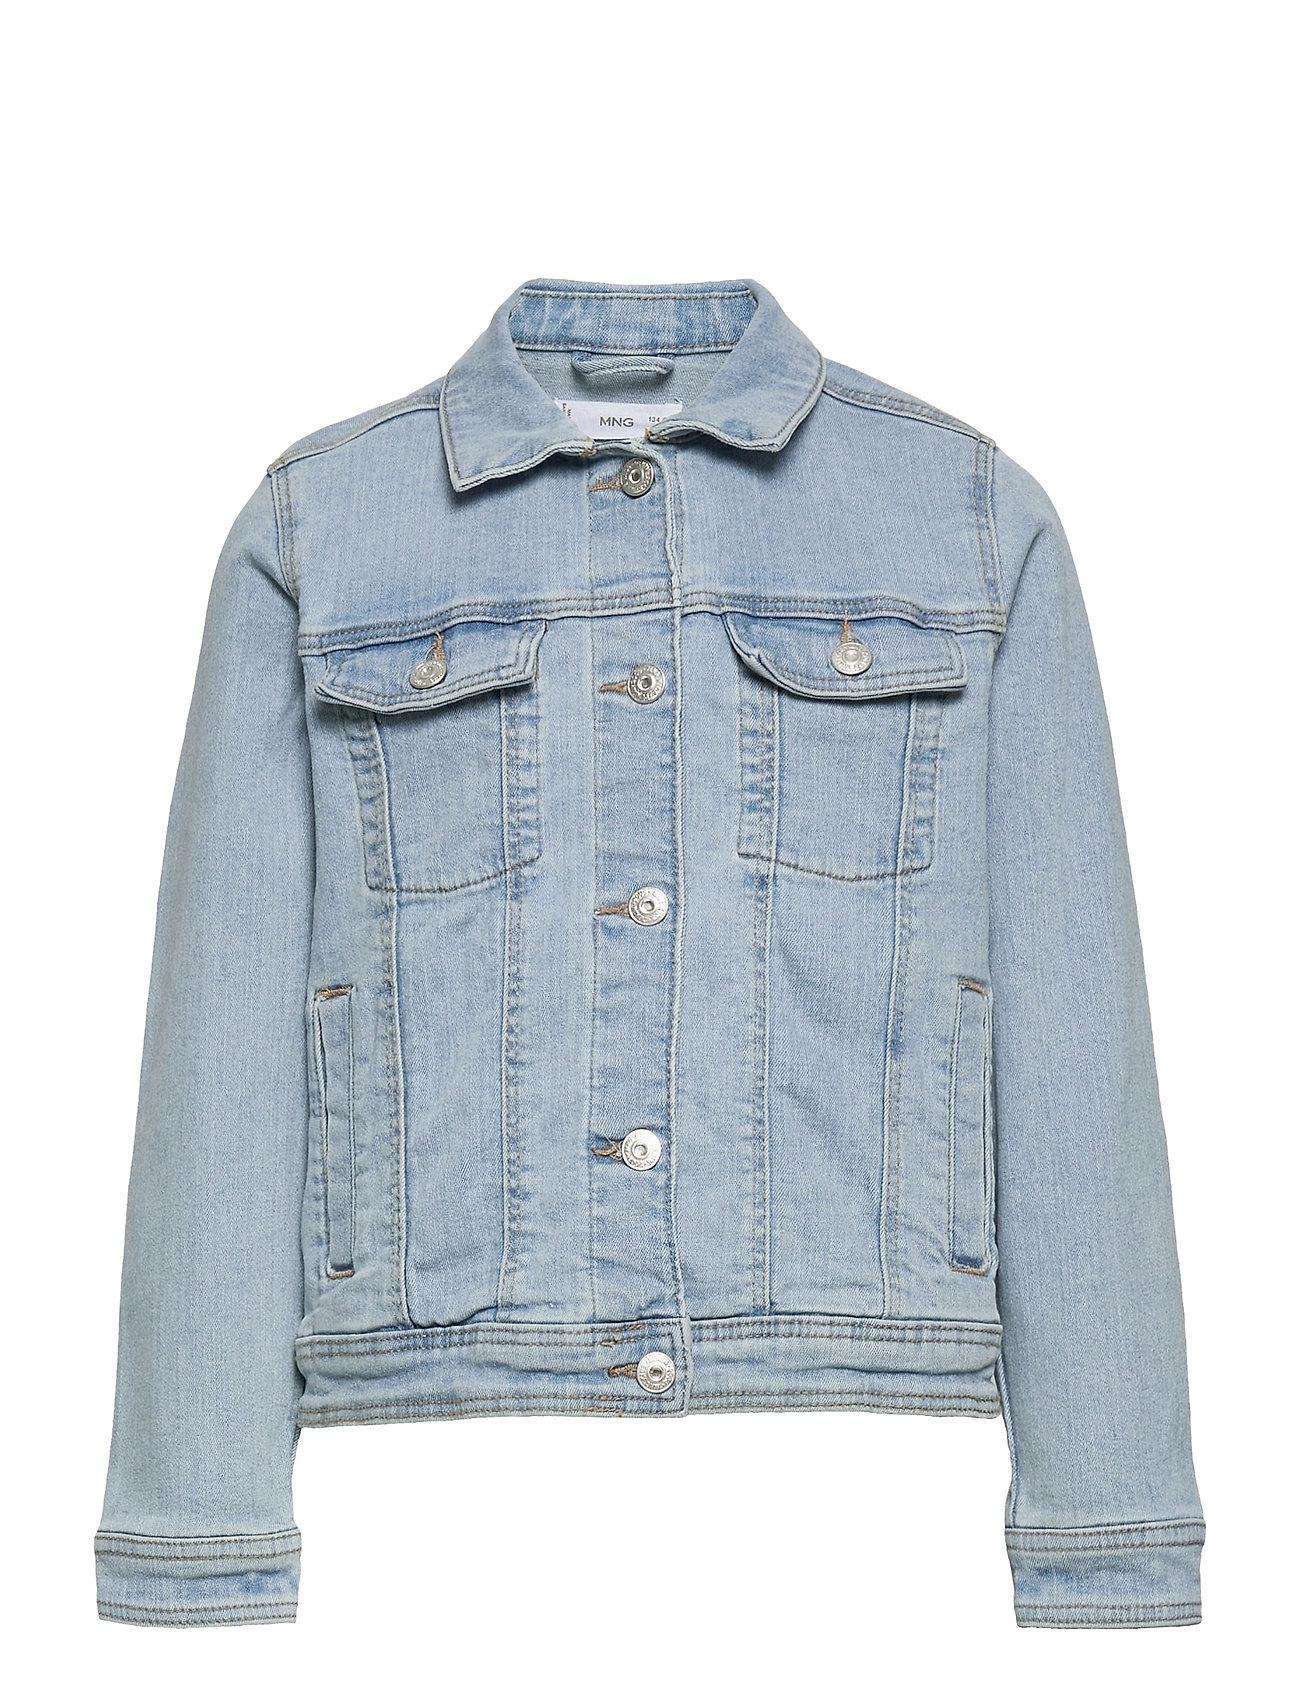 Allegra Outerwear Jackets & Coats Denim & Corduroy Blå Mango